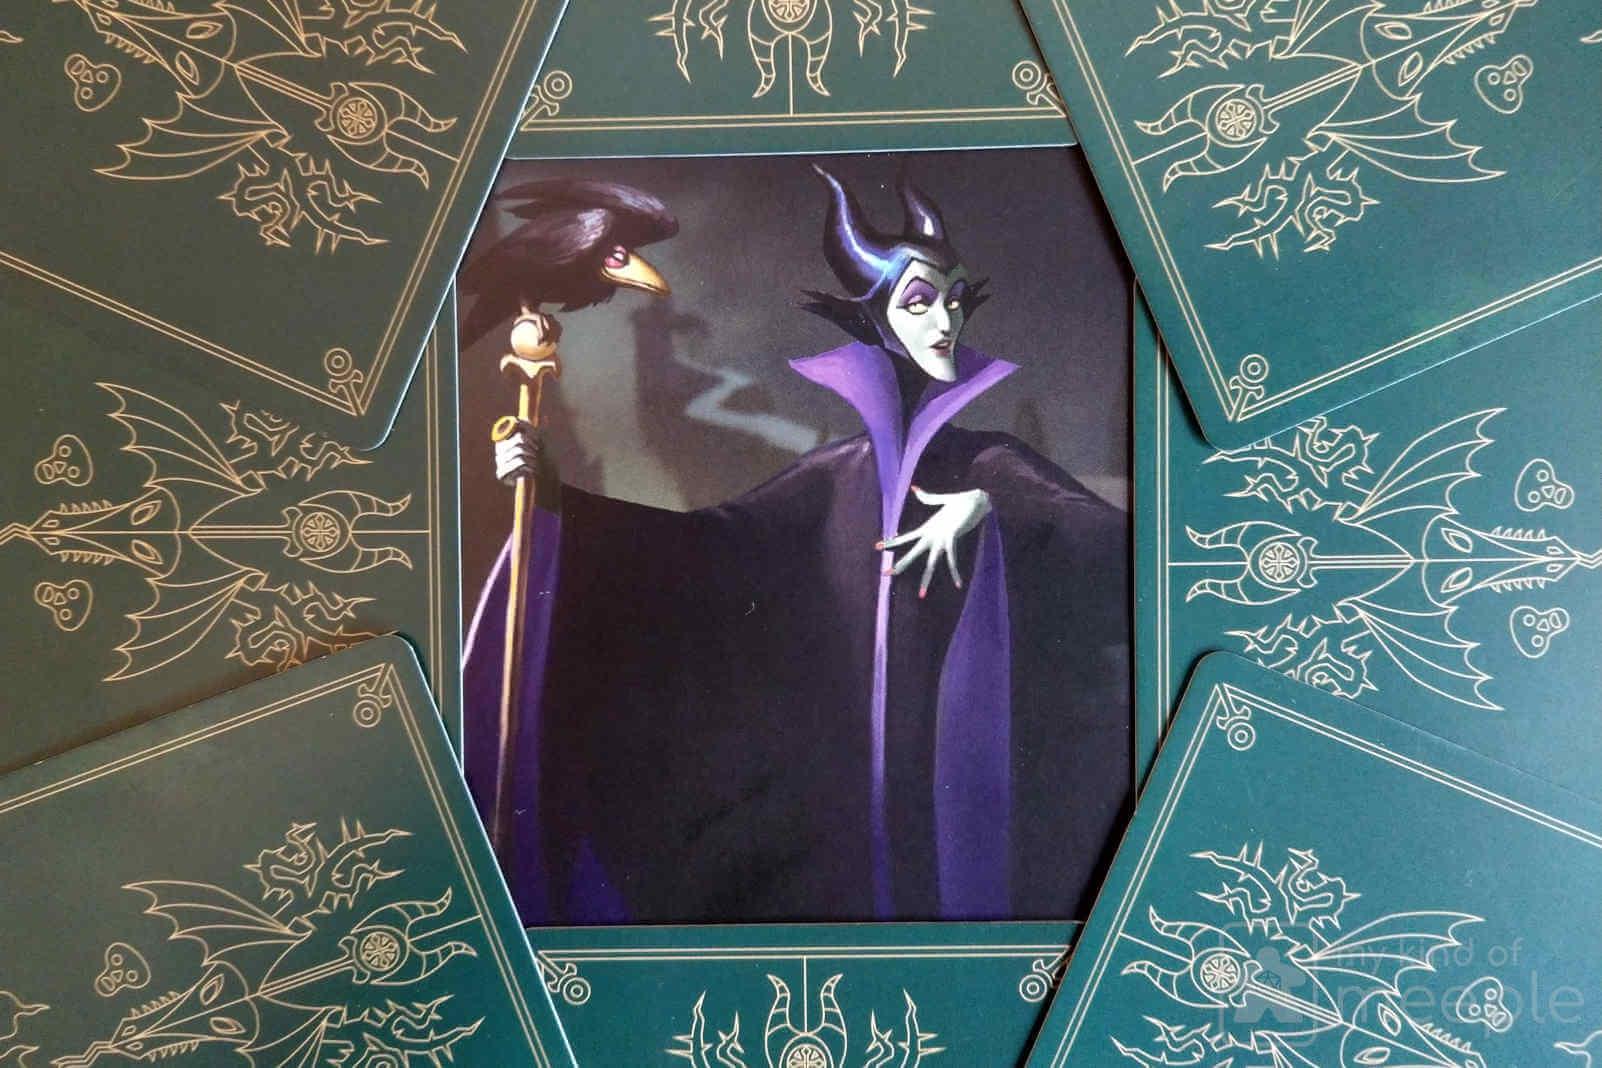 Maleficent Disney Villainous